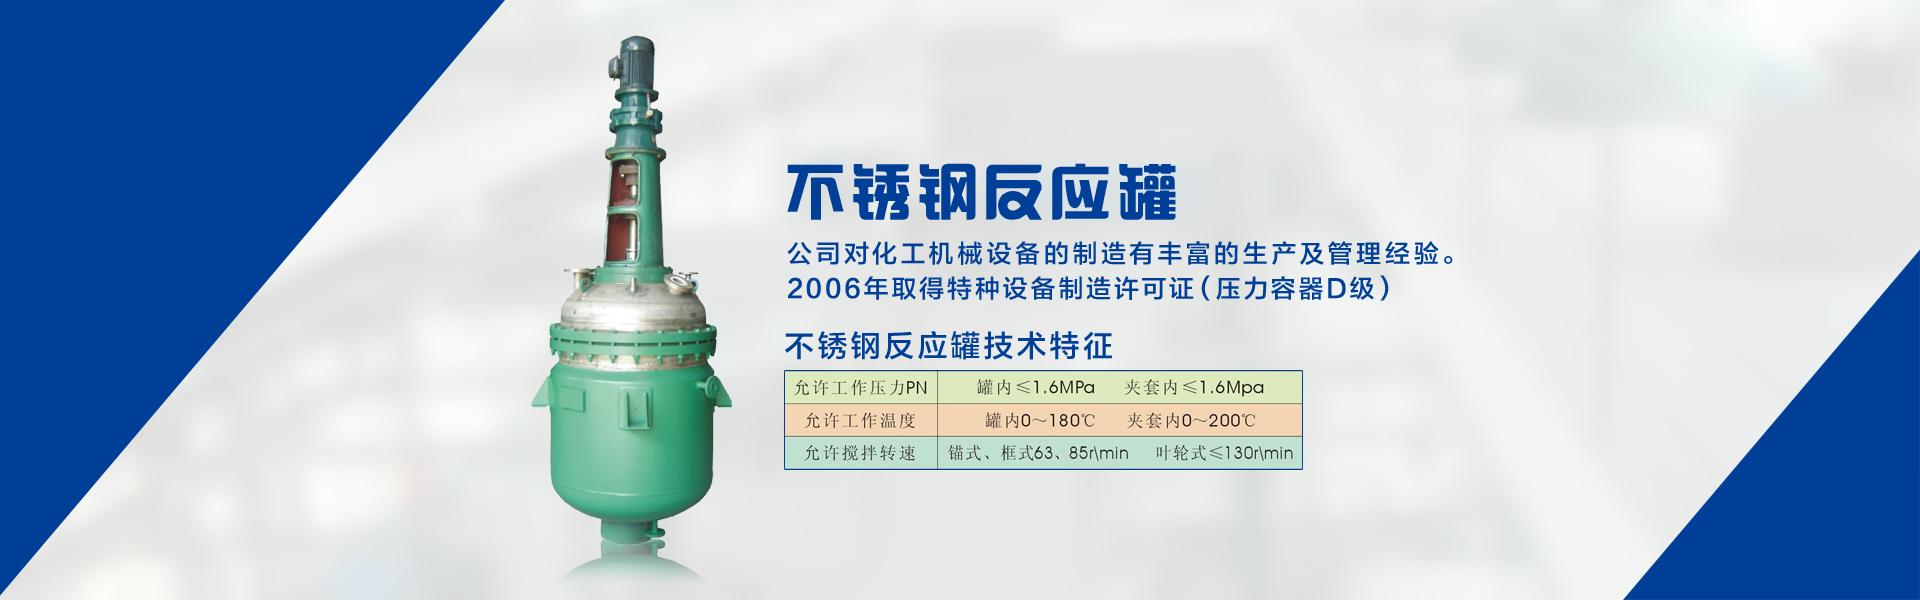 肇庆市正大化工机械设备有限公司提供不锈钢反应釜,搪瓷反应罐等产品!